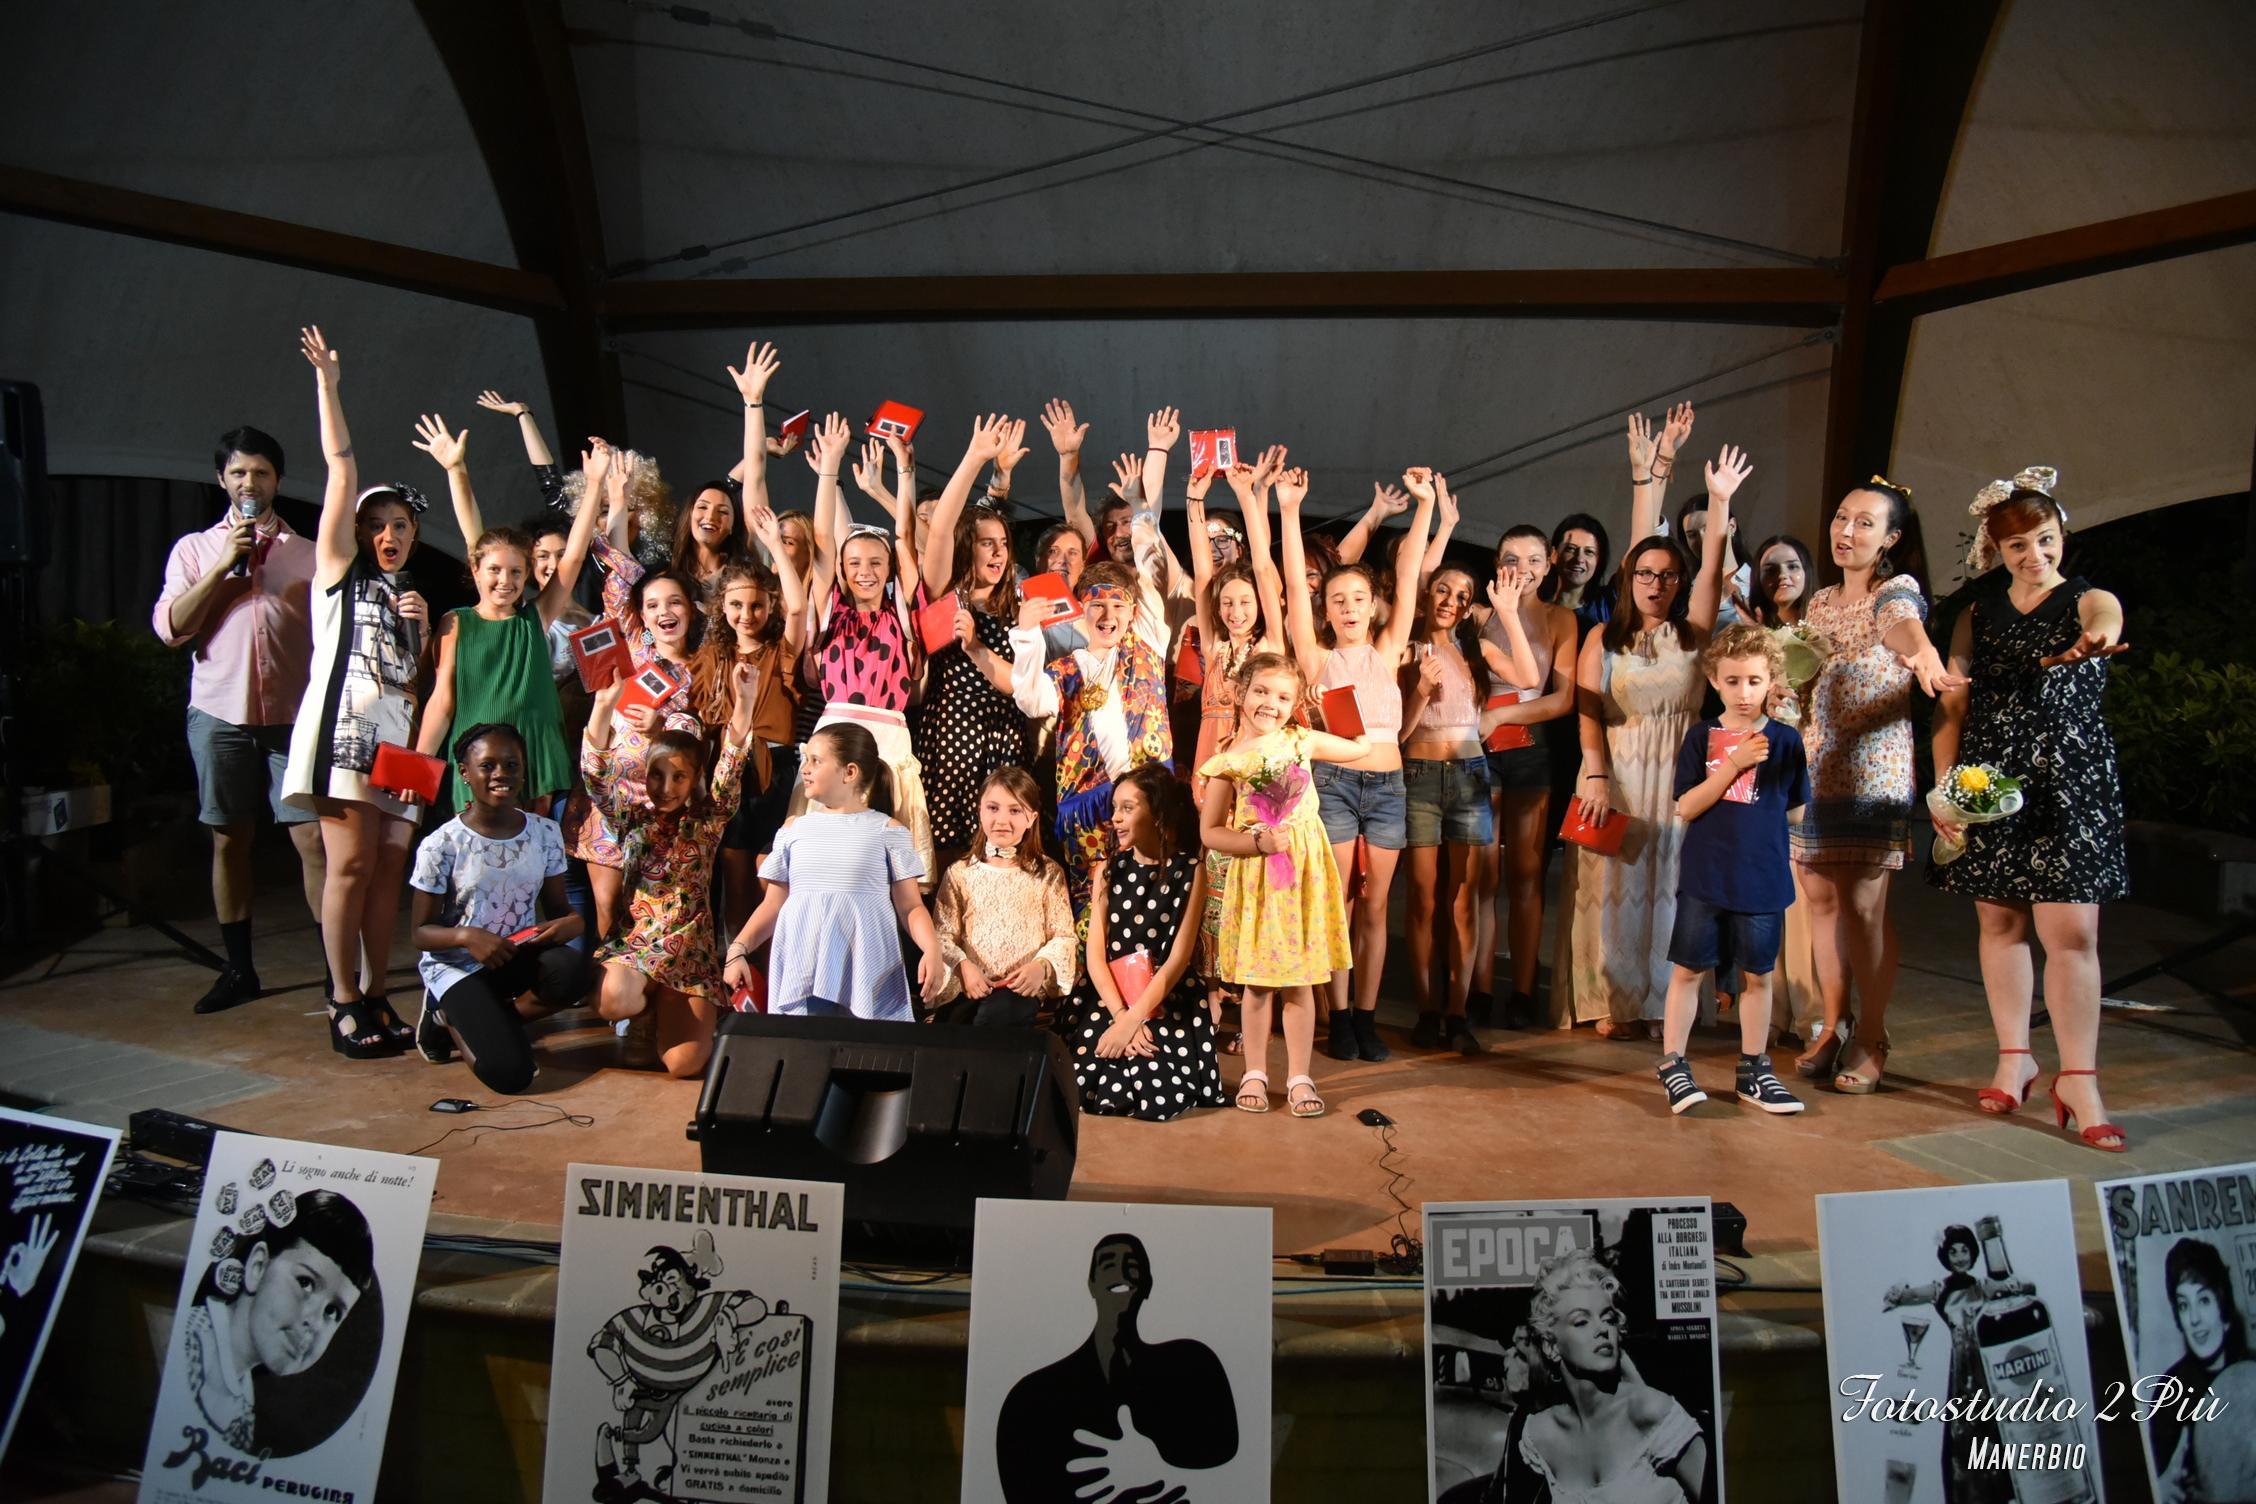 Verolanuova – giugno 2018